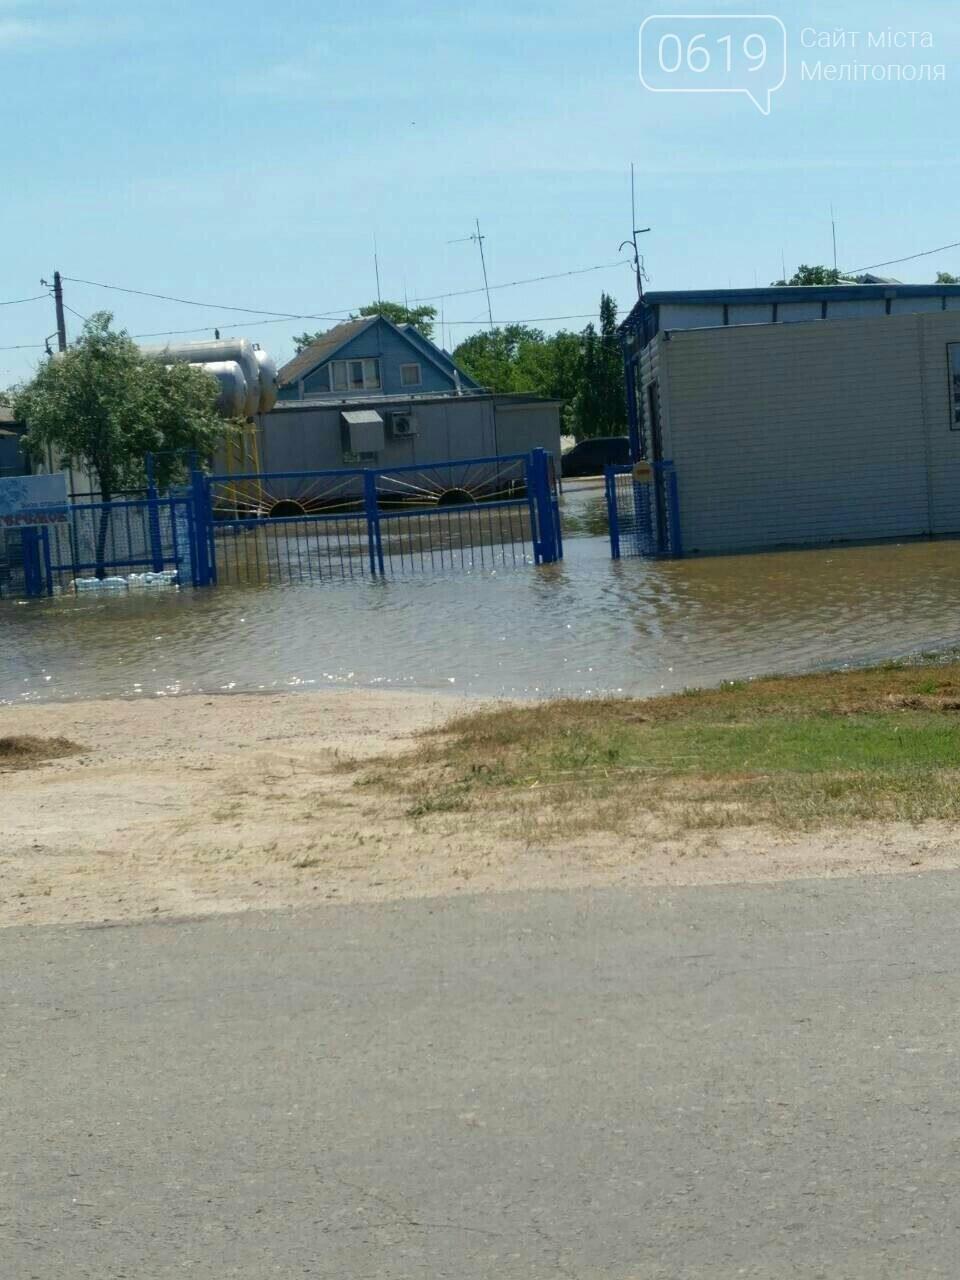 Морская вода, которая затопила Кирилловку, отступает , фото-1, Фото сайта 0619